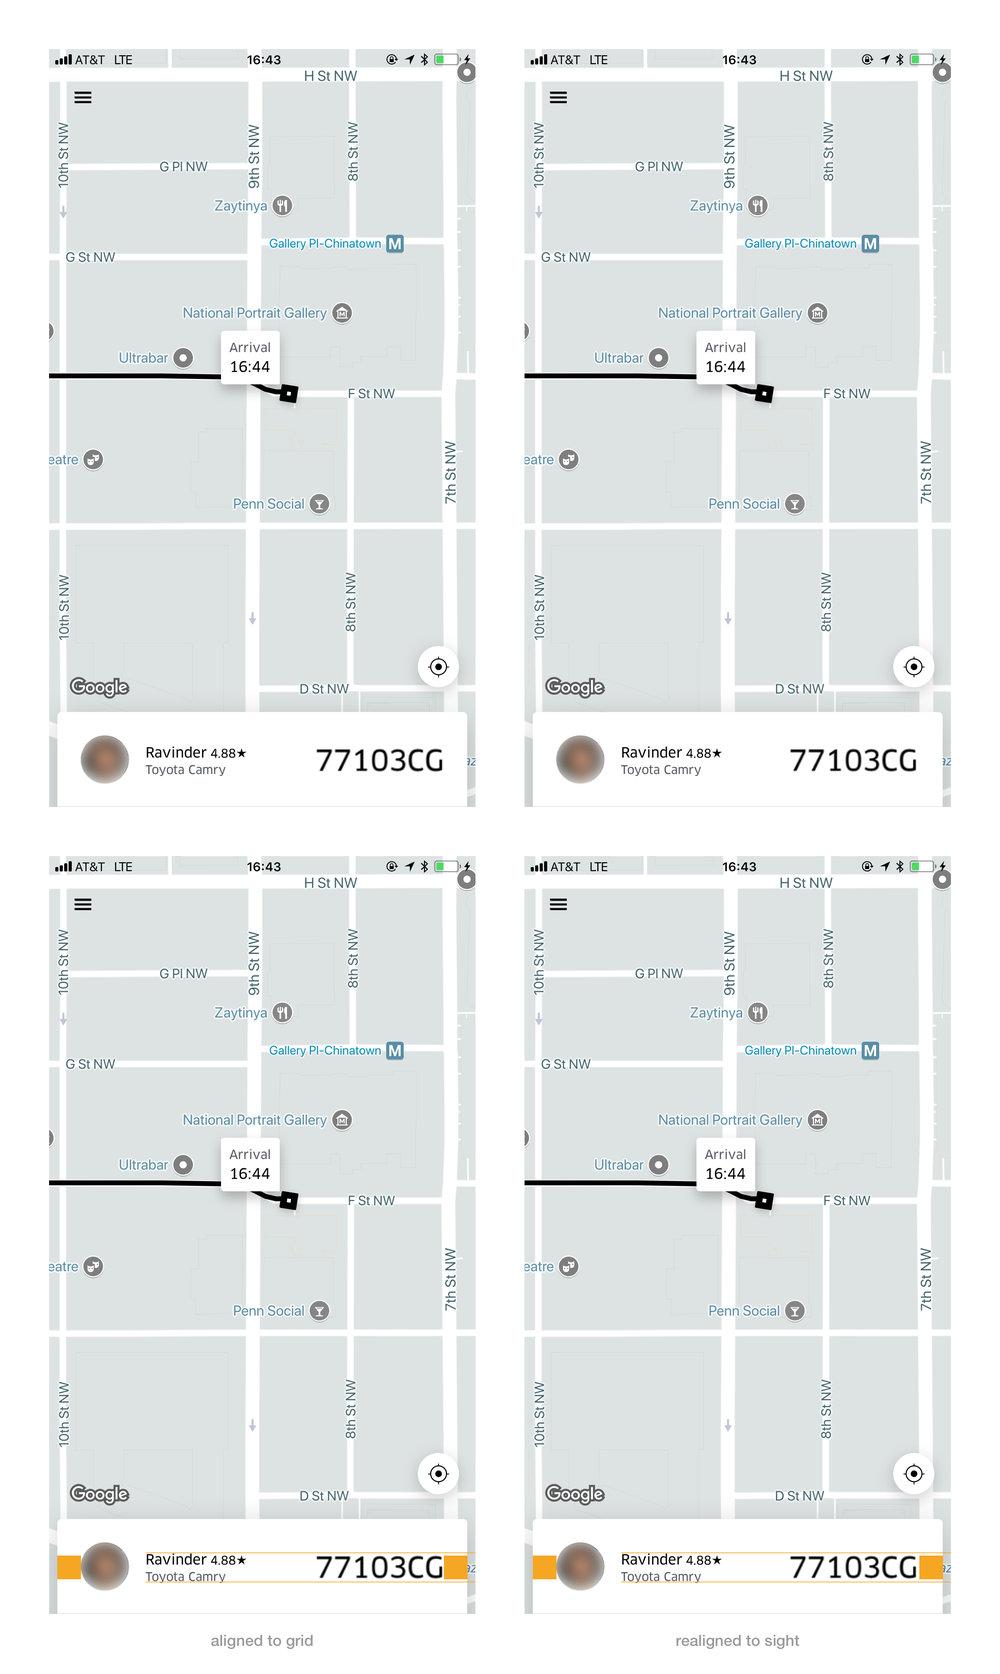 5 - uber align to sight panel.jpg